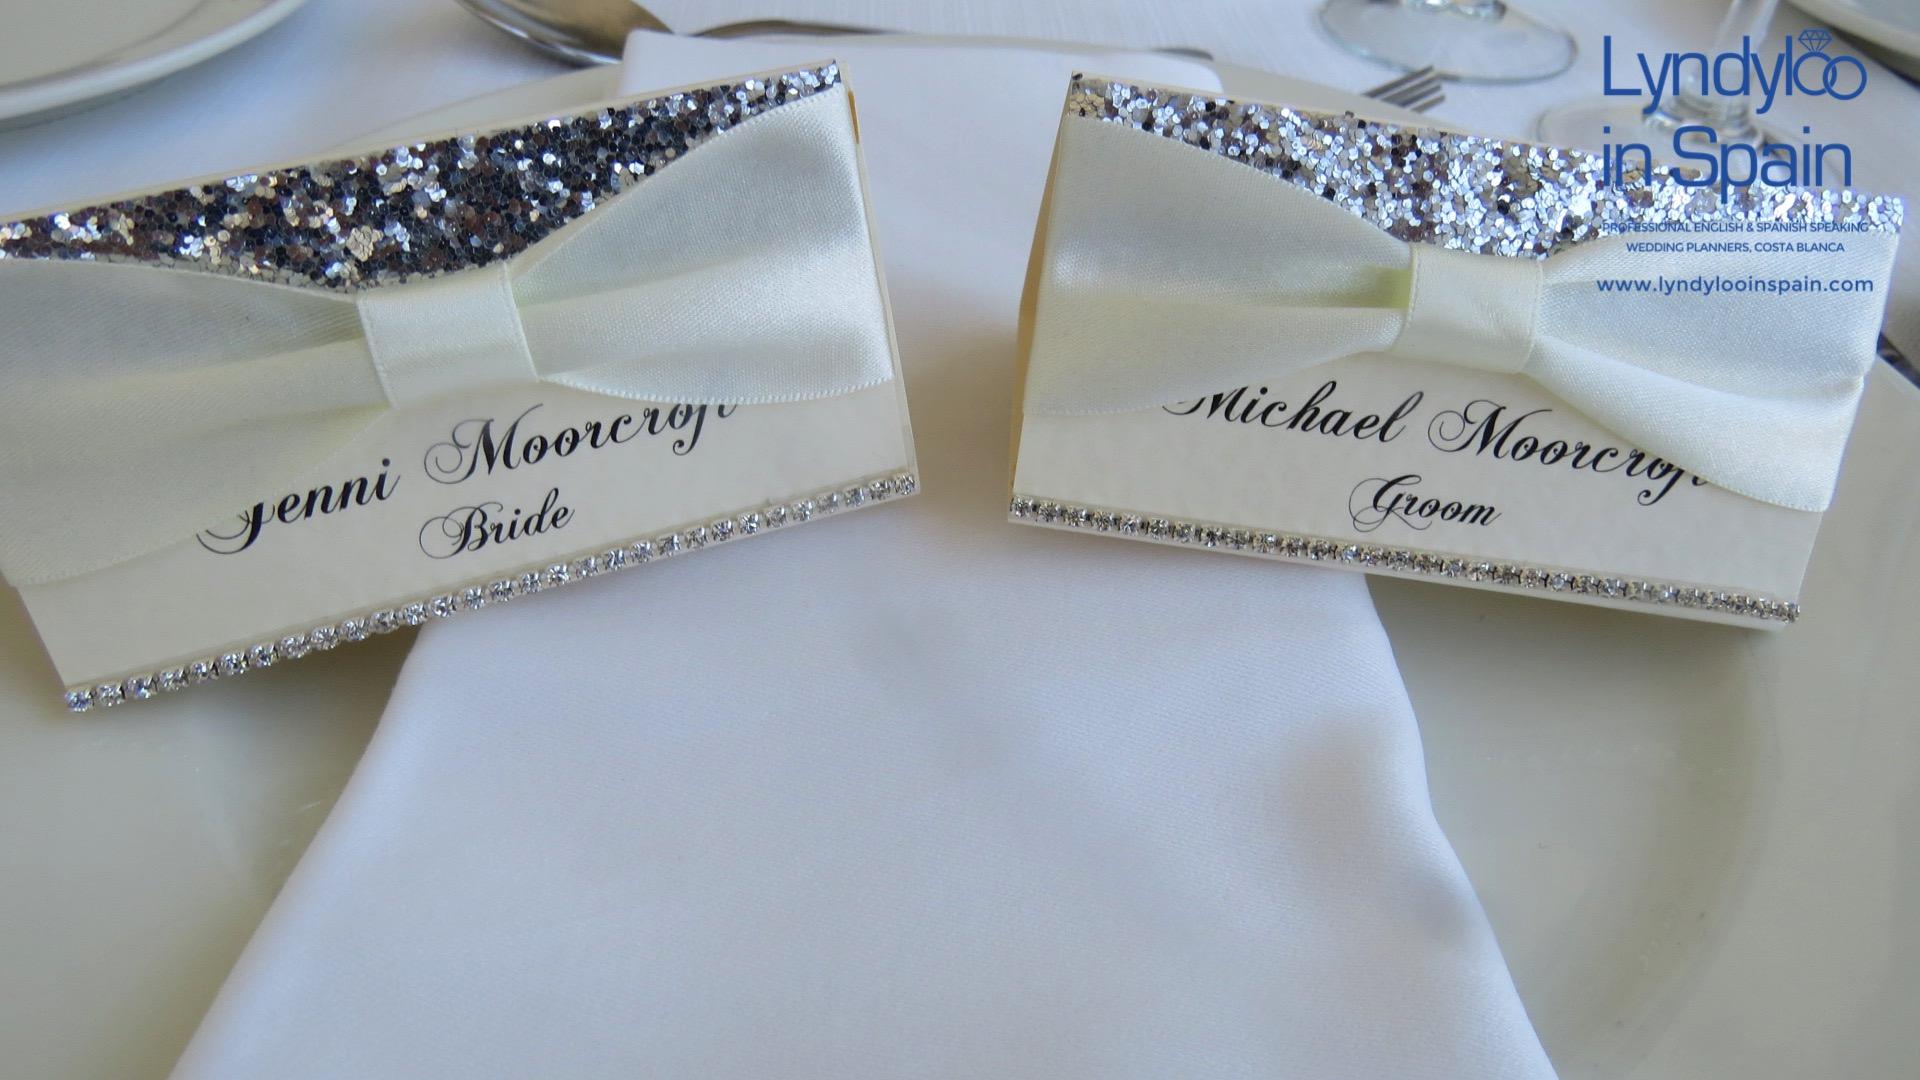 5* Golf Resort Wedding in Algorfa Alicante  | Lyndyloo in Spain